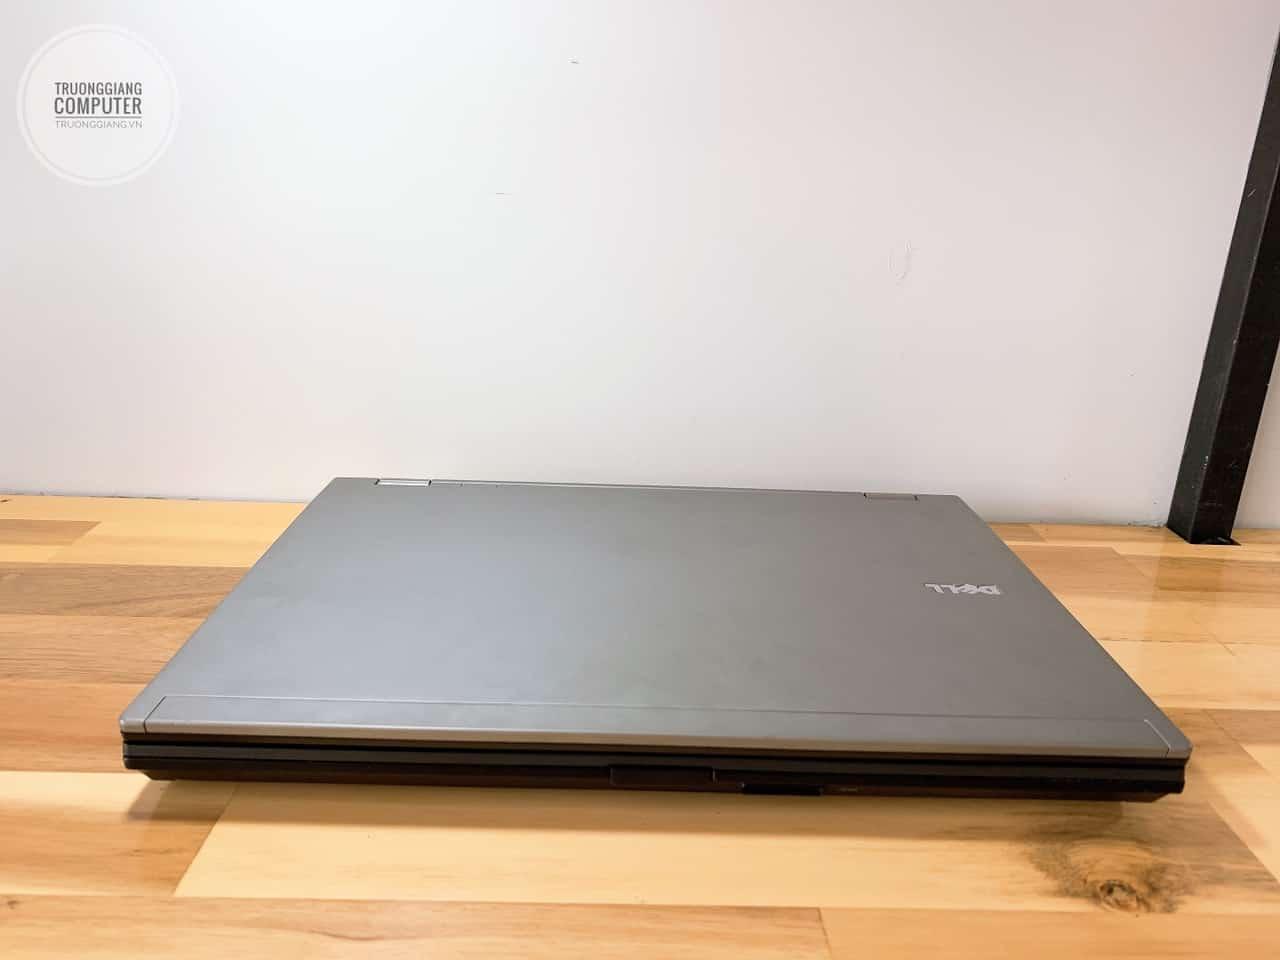 Loa của laptop Dell Latitude E6410